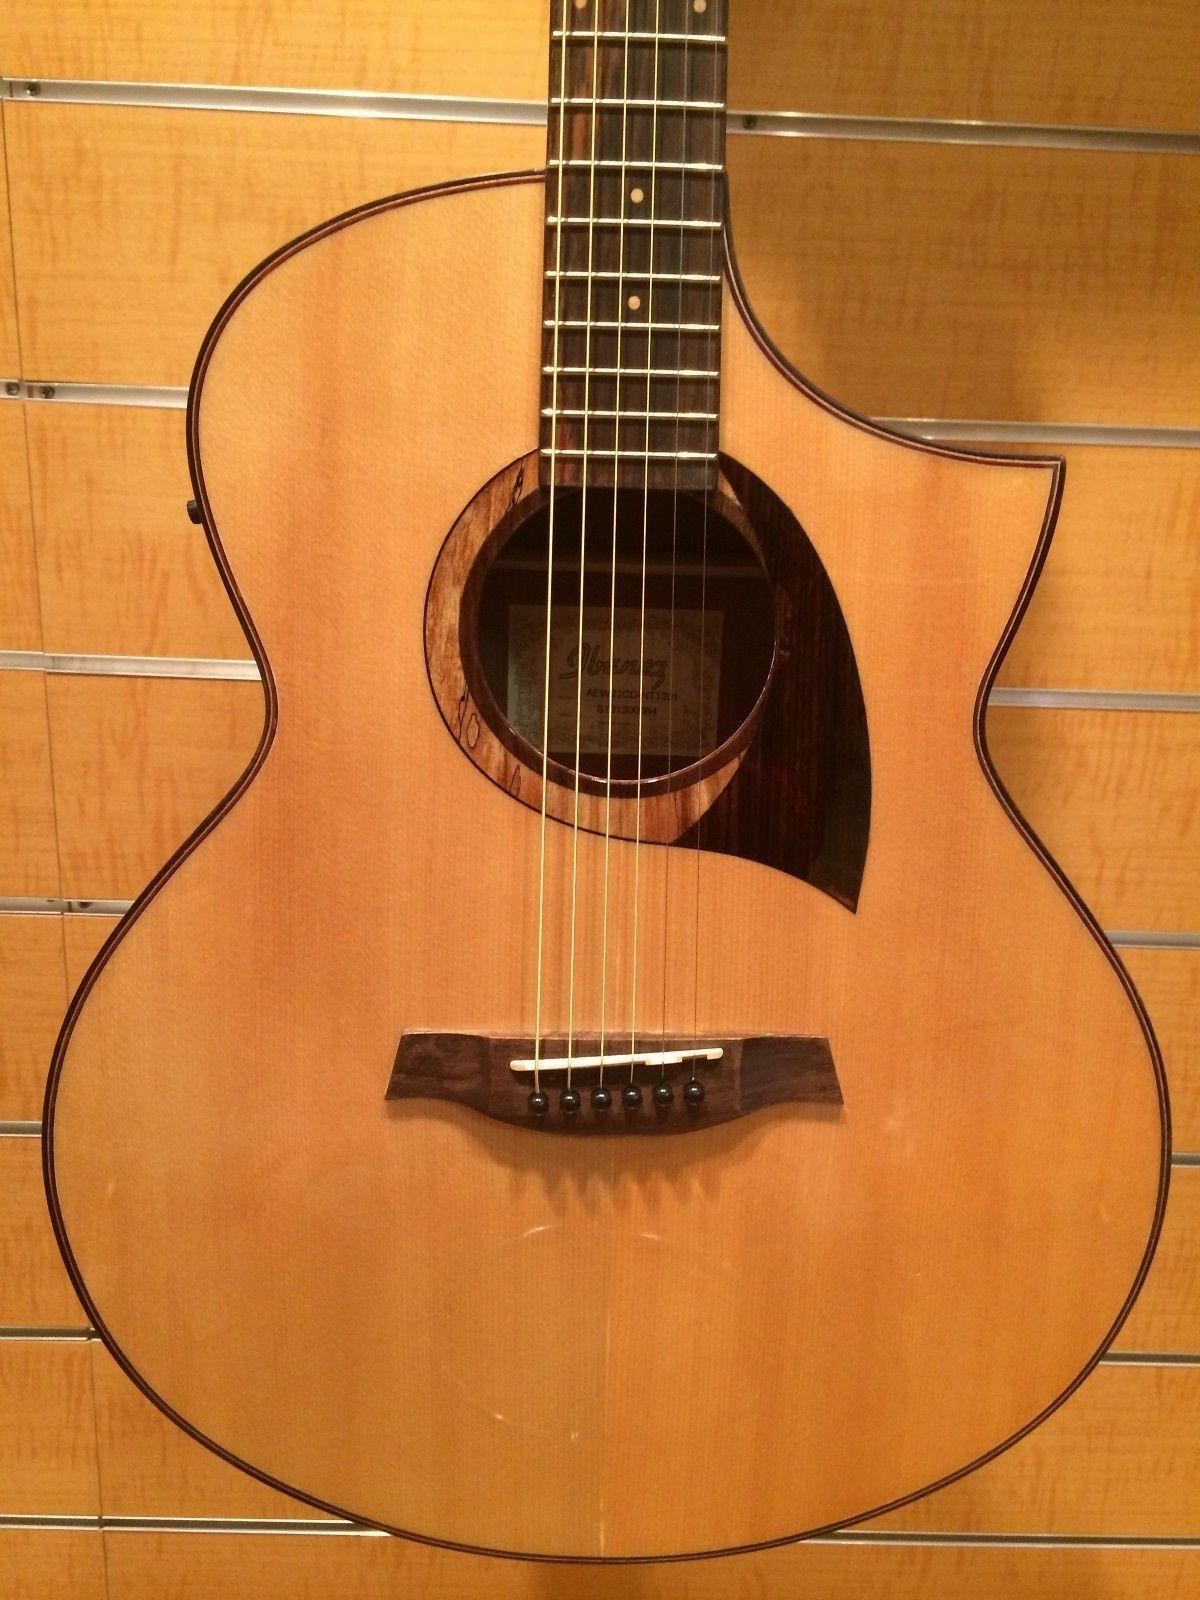 Acoustic Electric Guitar Parts Diagram Ibanez Aew22cd Nt Artwood Acoustic Electric Guitar Of Acoustic Electric Guitar Parts Diagram